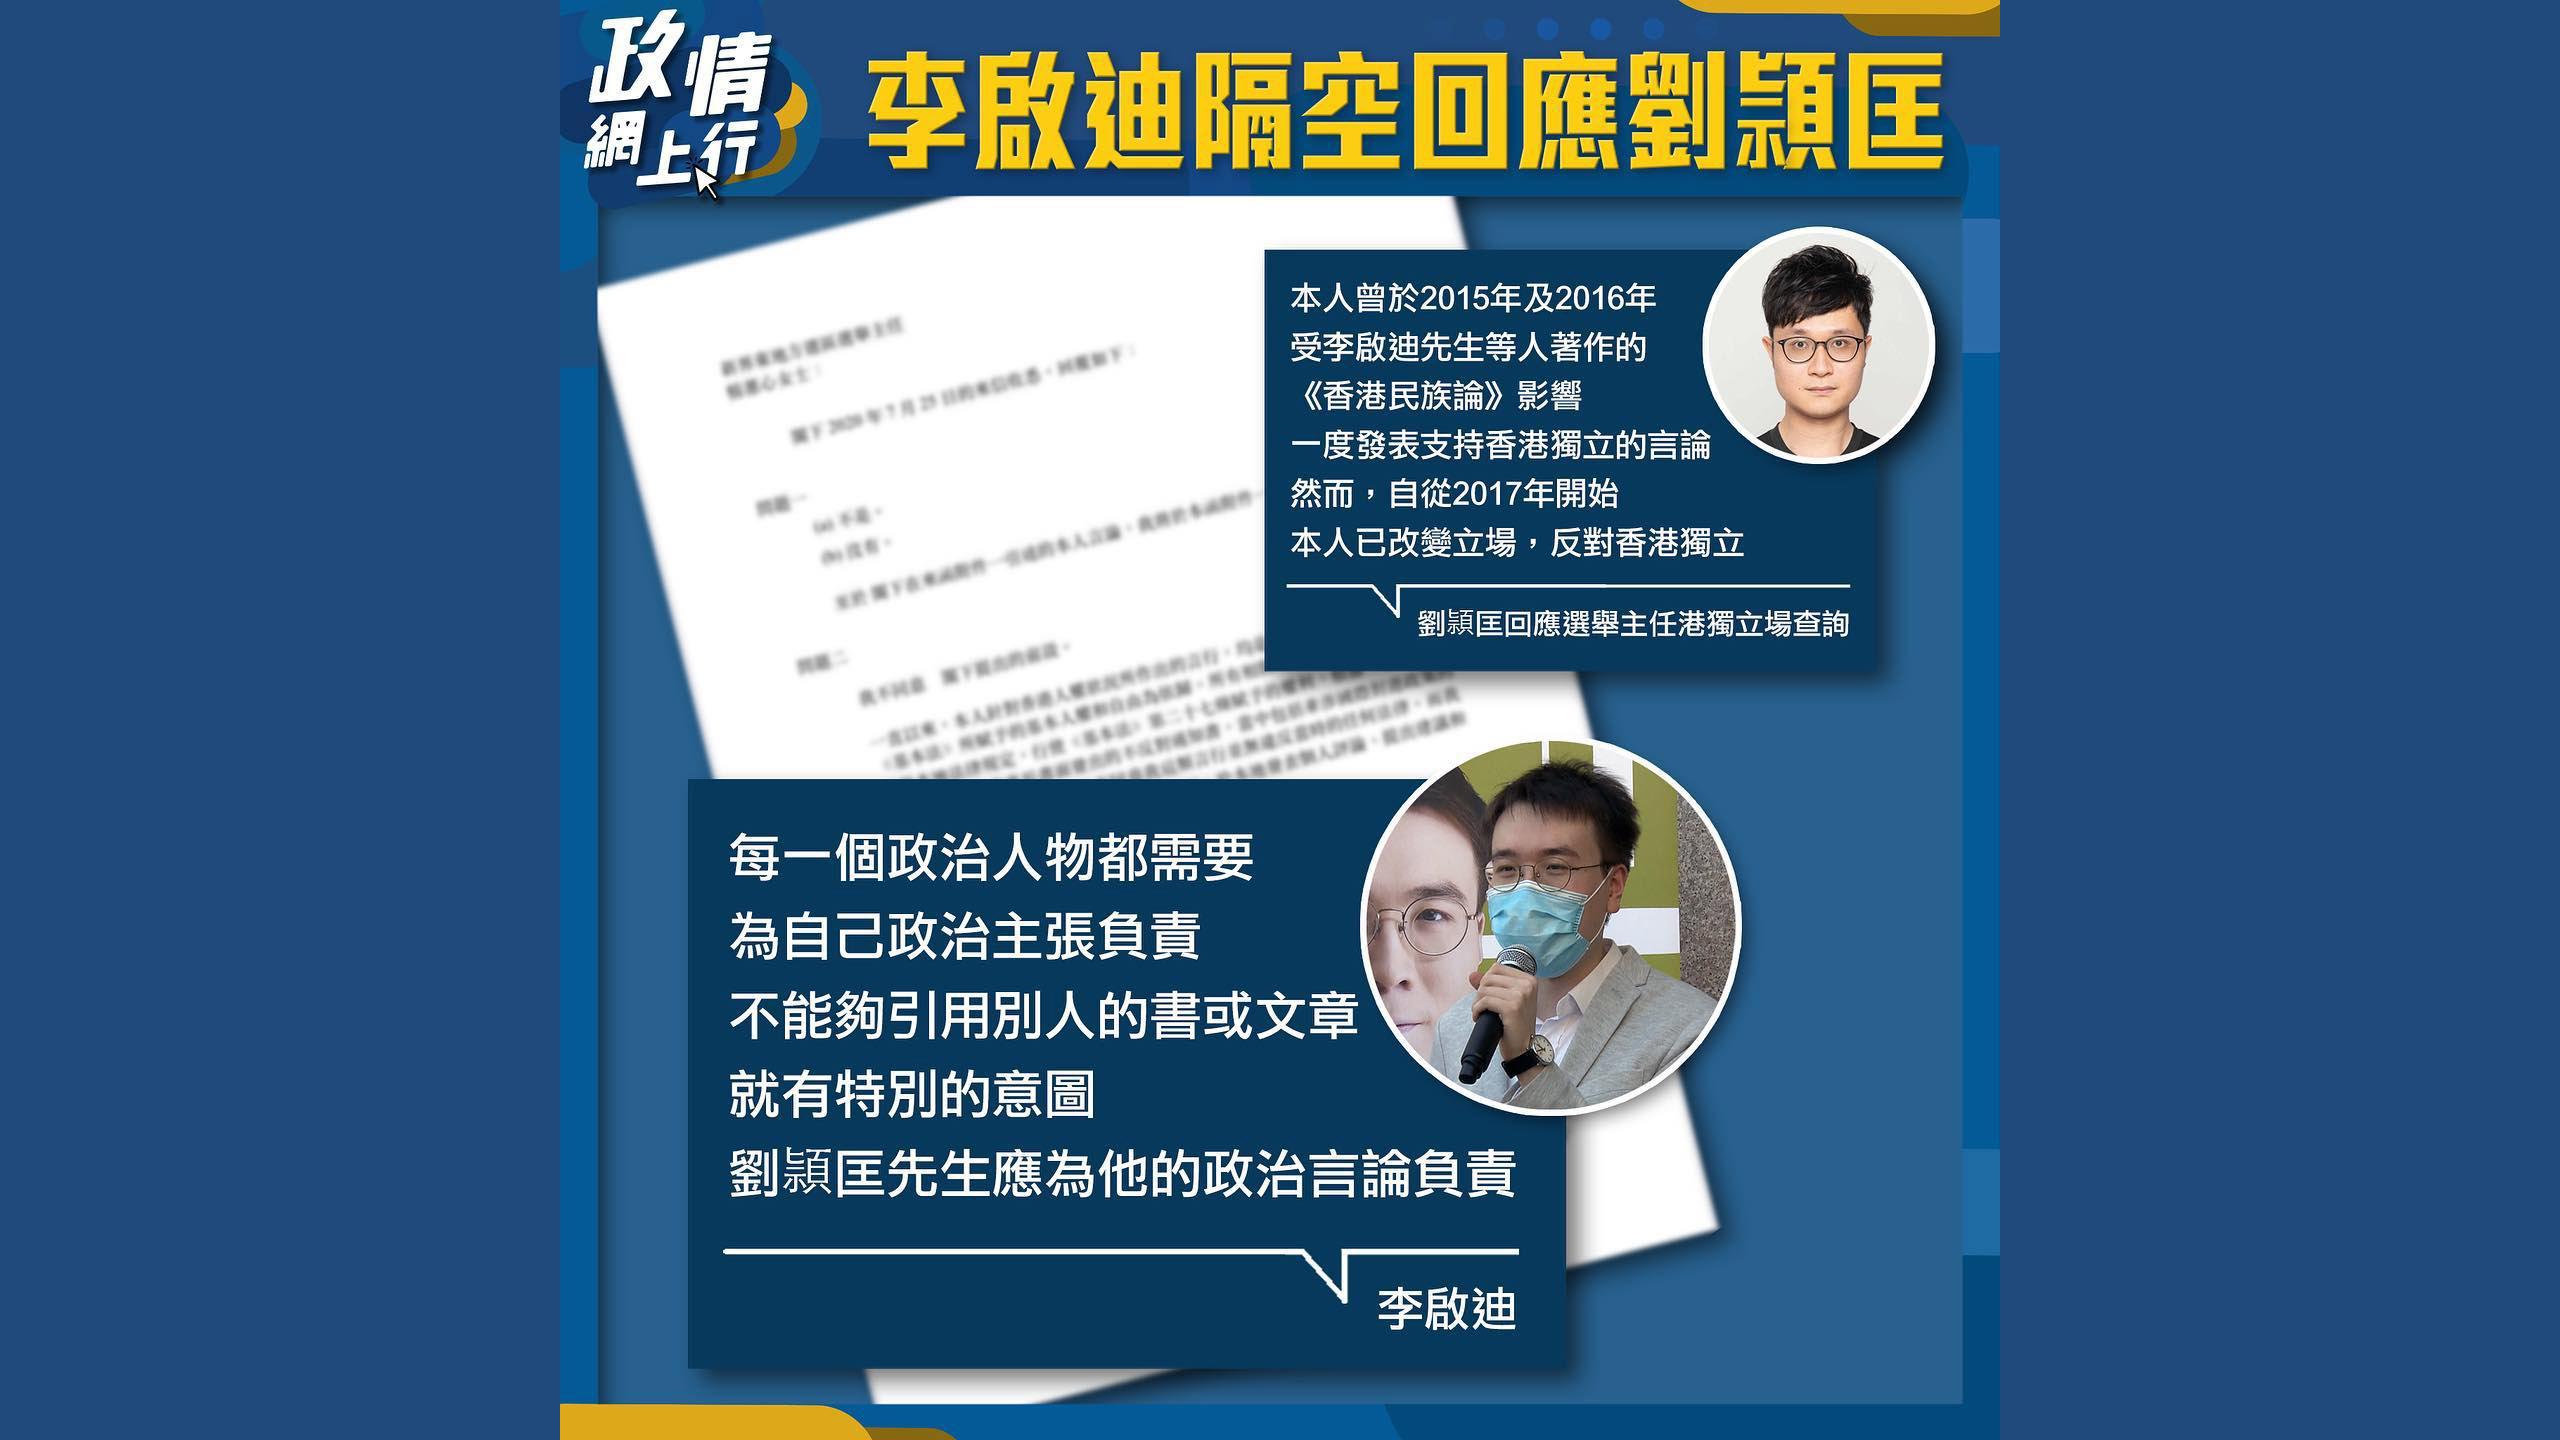 【政情網上行】李啟迪隔空回應劉頴匡